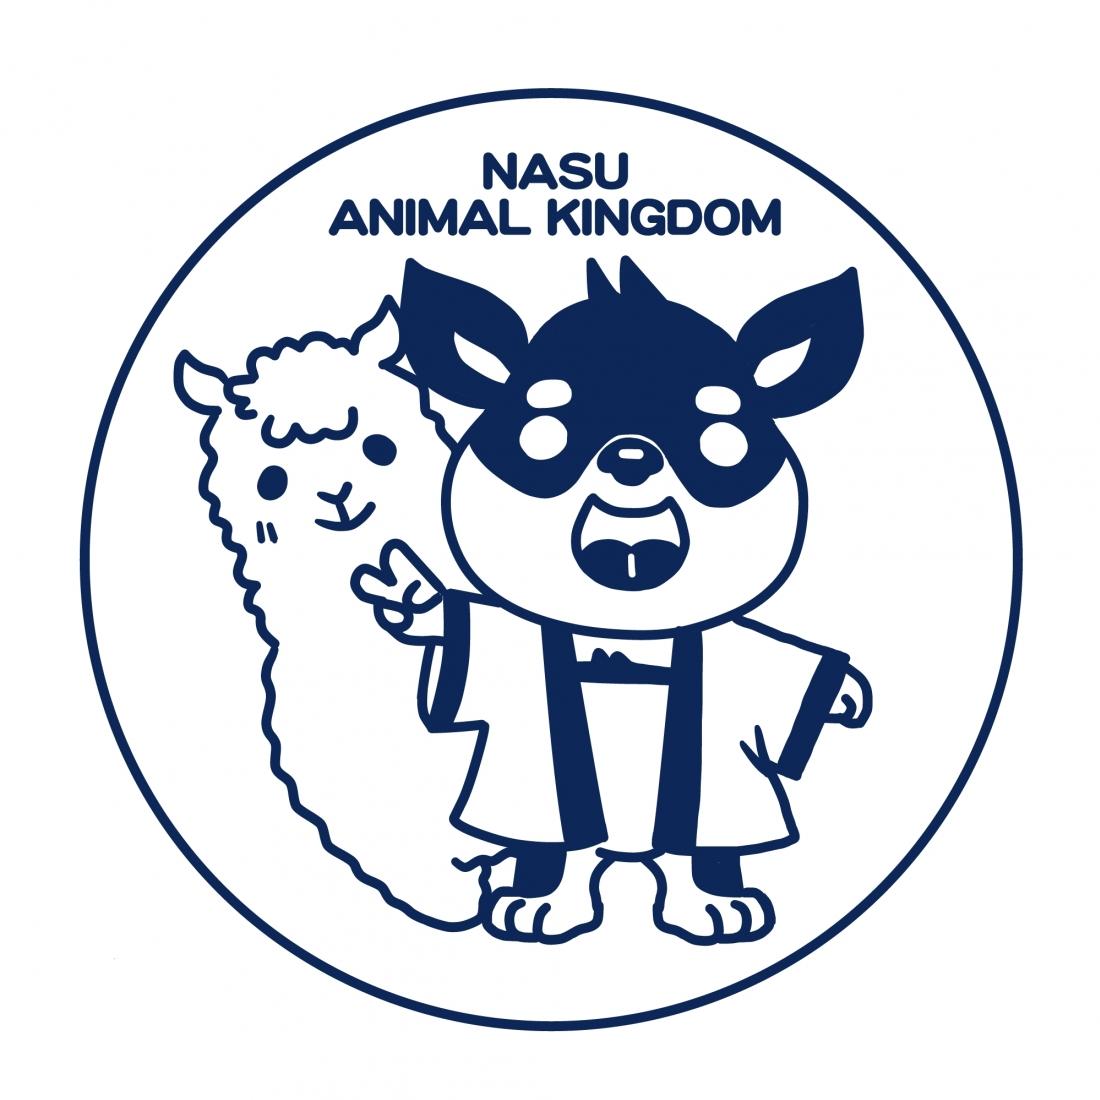 那須動物王國